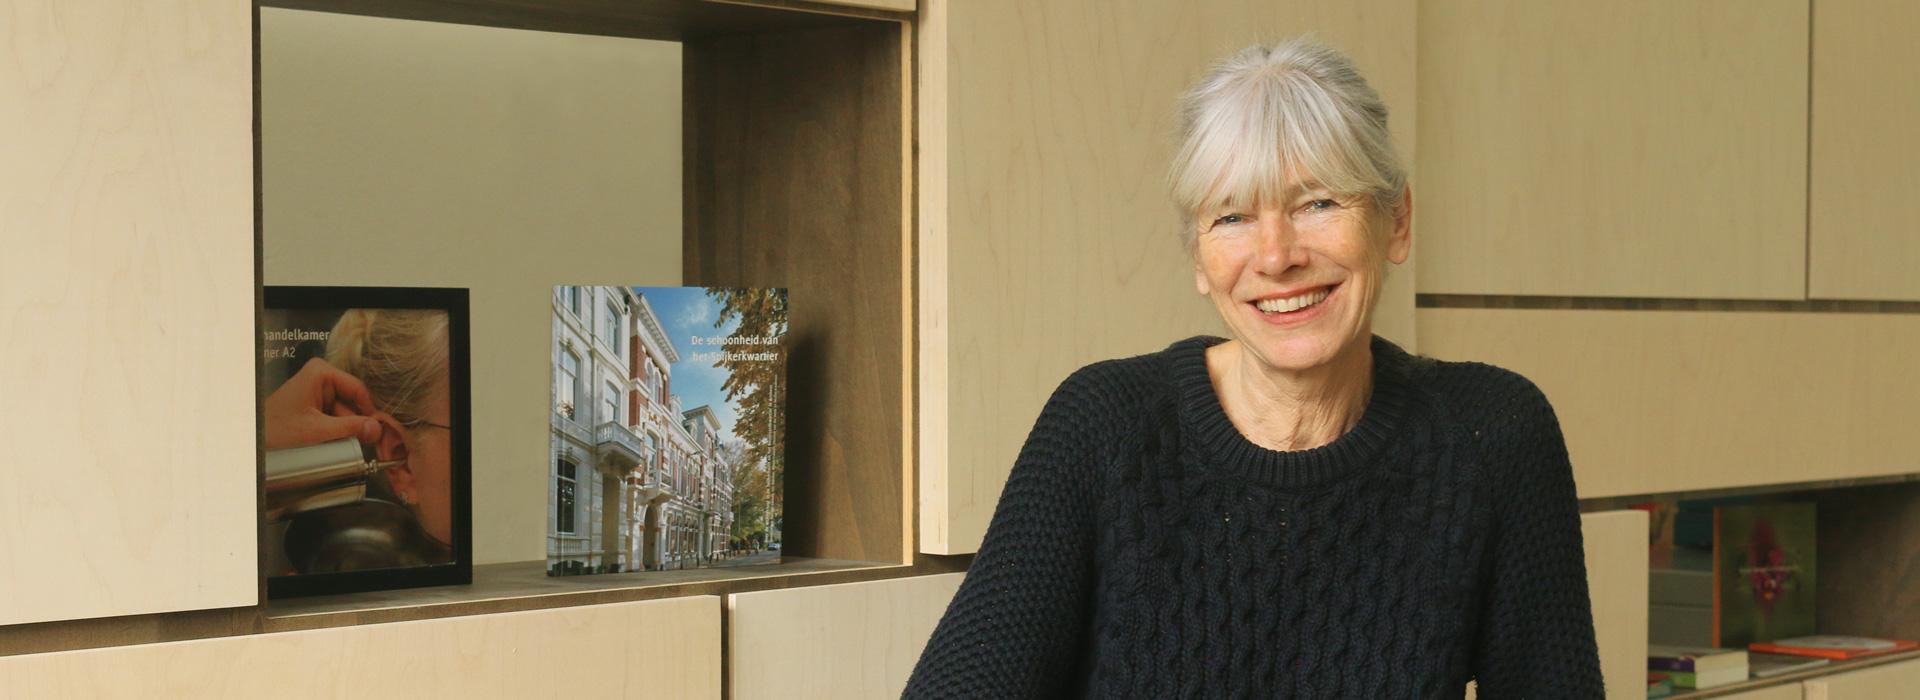 Christine van der Heide